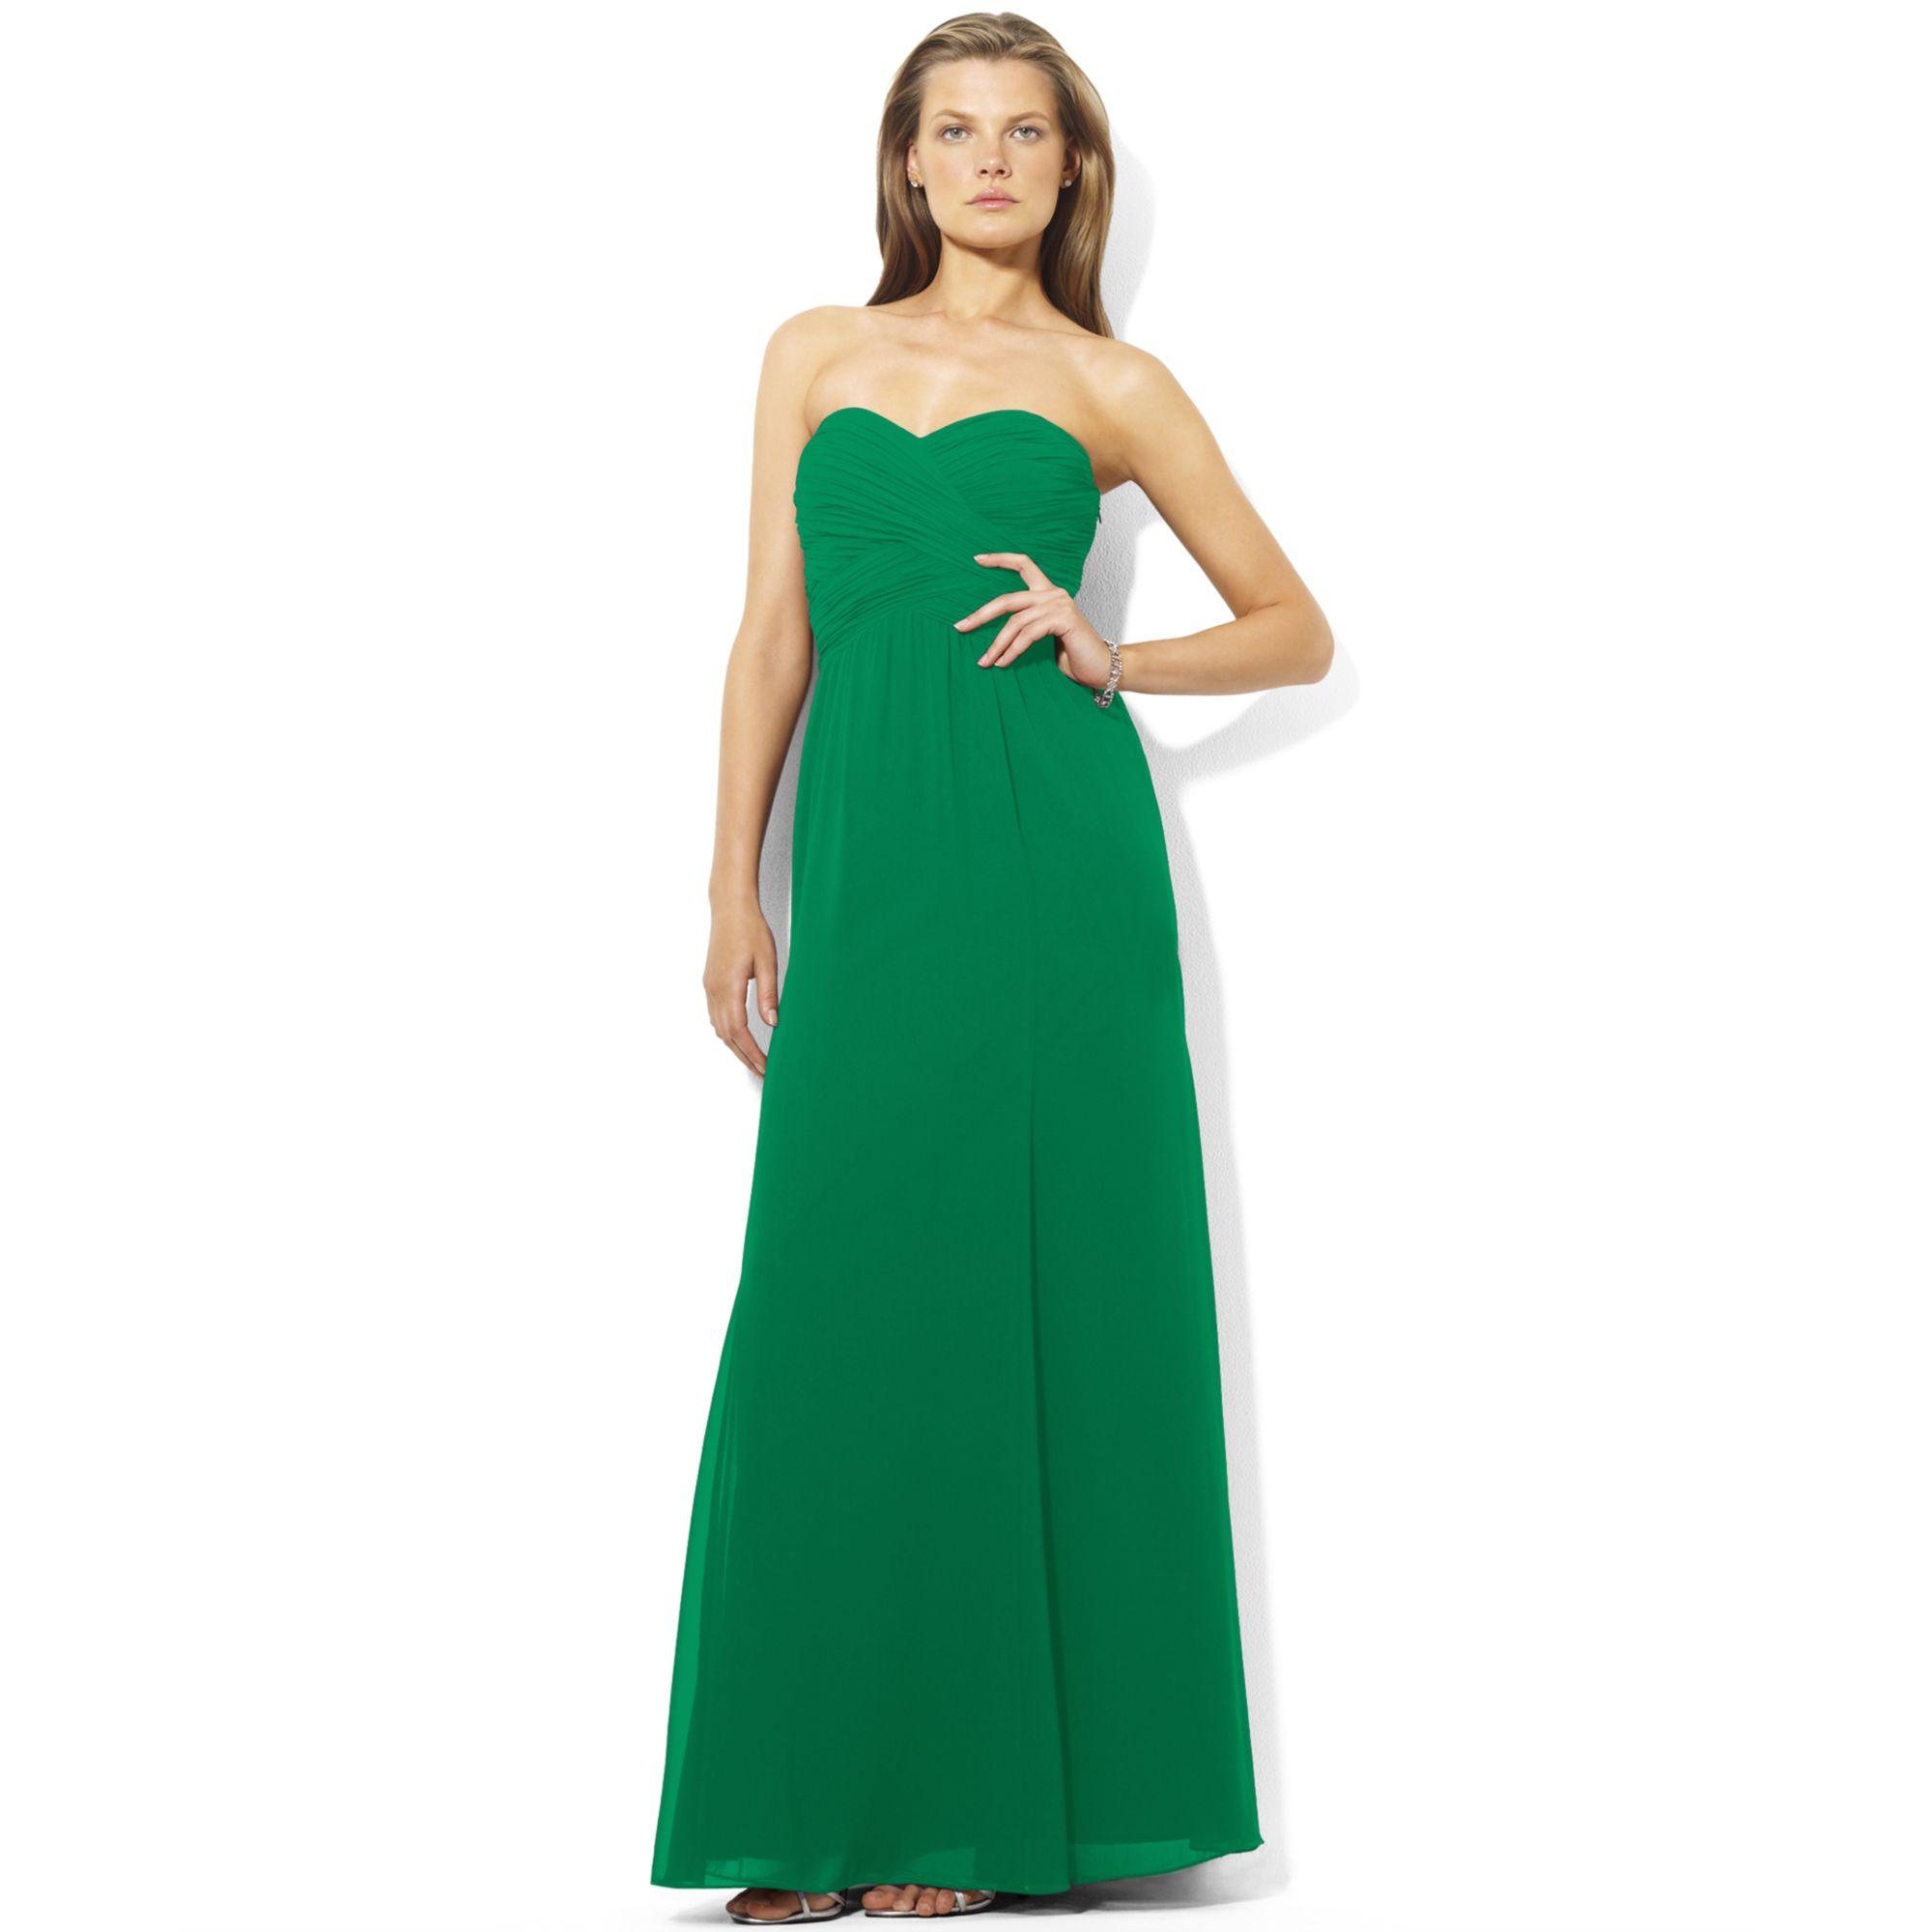 ralph lauren green gown | Fashion Wallpaper